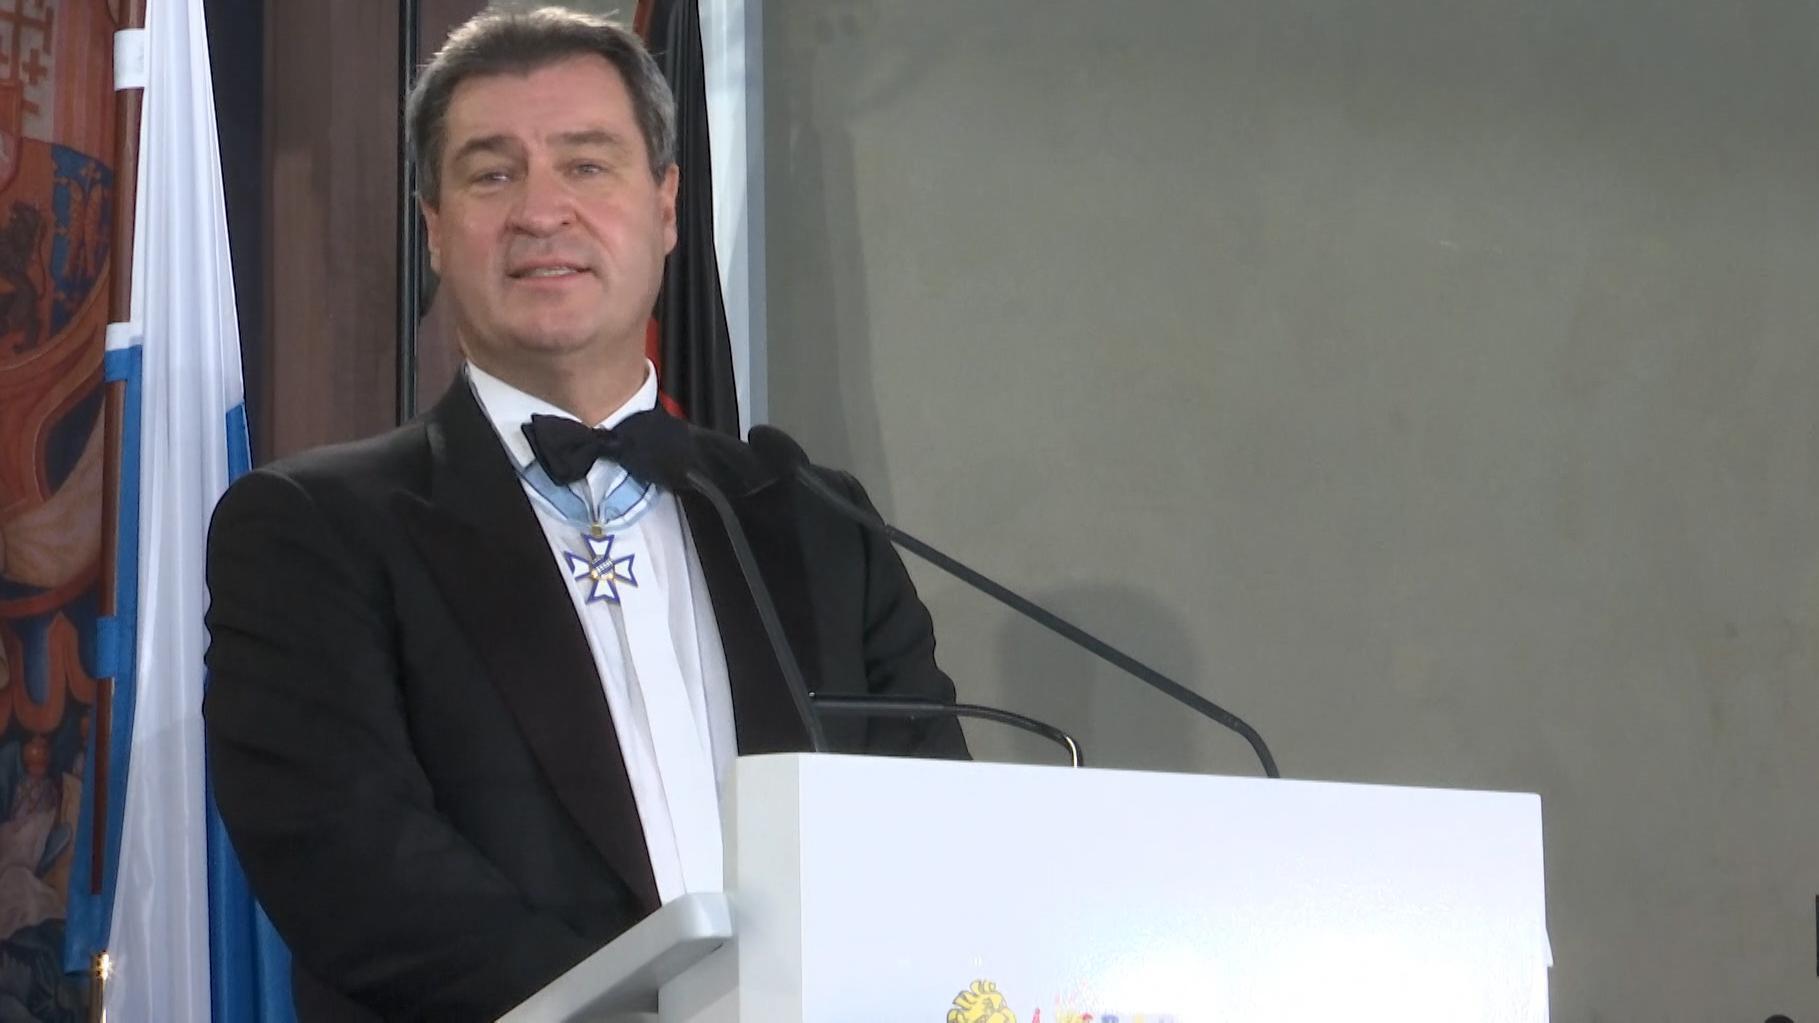 Zum ersten Mal hat Markus Söder als Ministerpräsident zum Neujahrsempfang in der Münchner Residenz geladen. In seiner Rede gedachte der CSU-Politiker auch der Helfer und Betroffenen des heftigen Schneefalls.